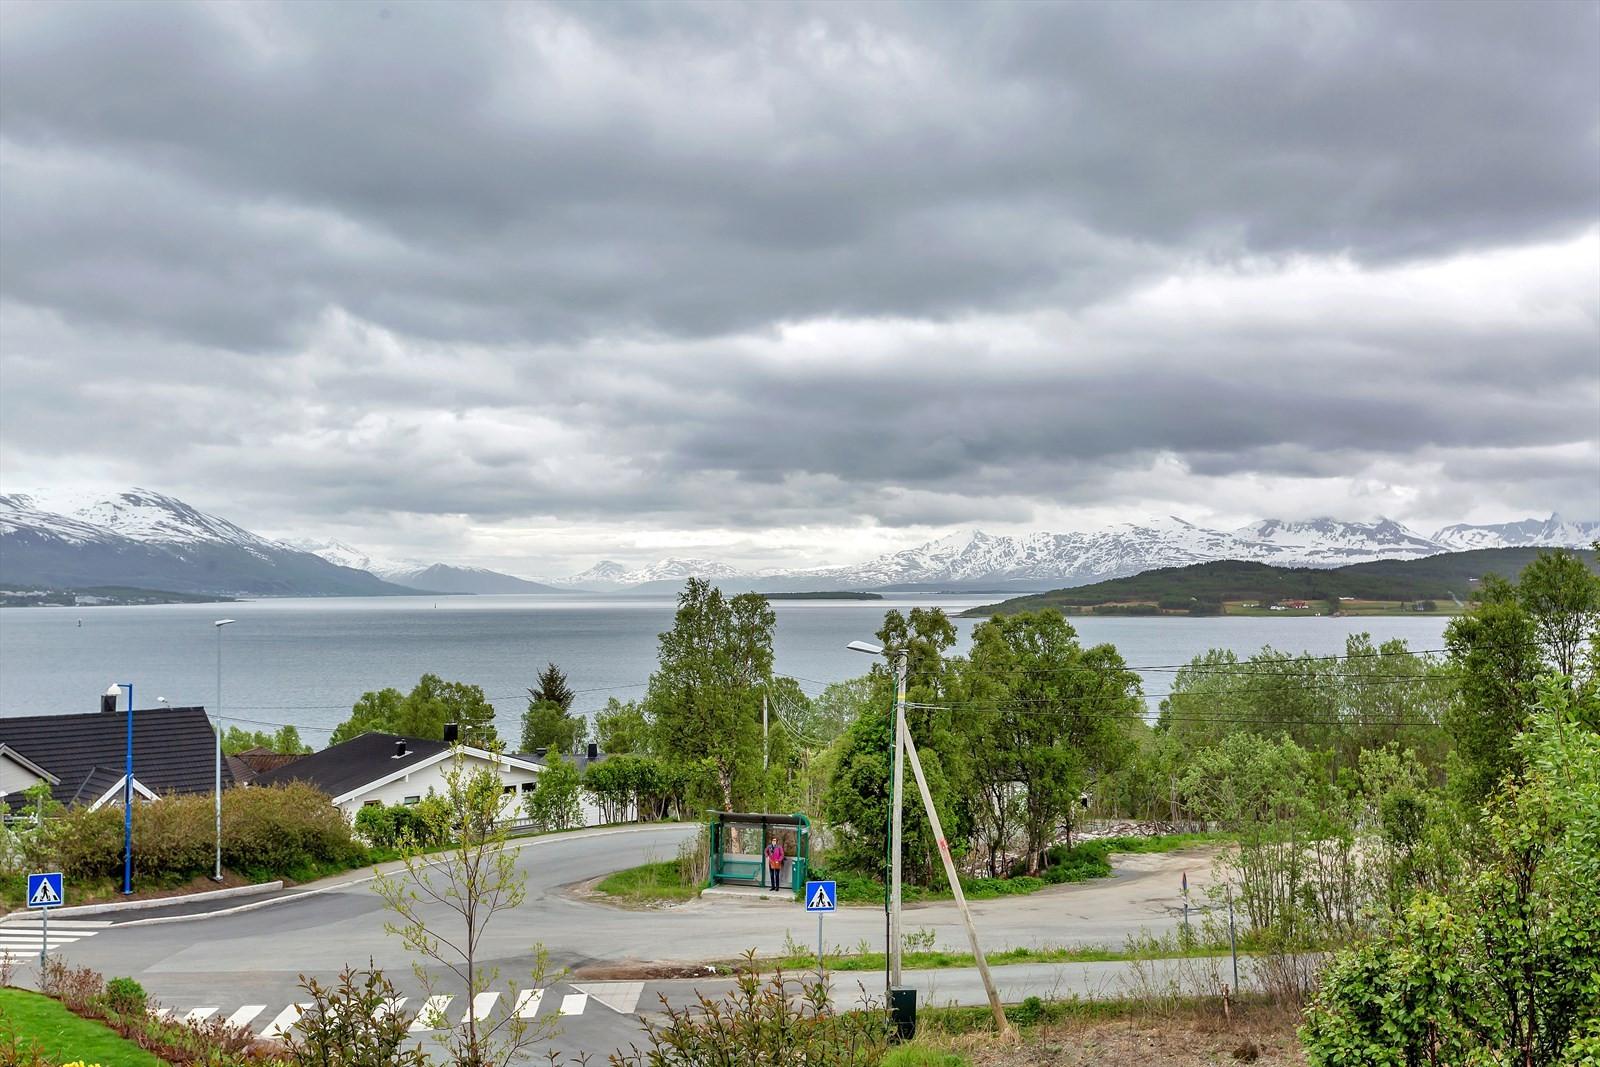 Nydelig utsikt mot Sandnessundet, Tromsøya, nørmijøet og Håkøya.